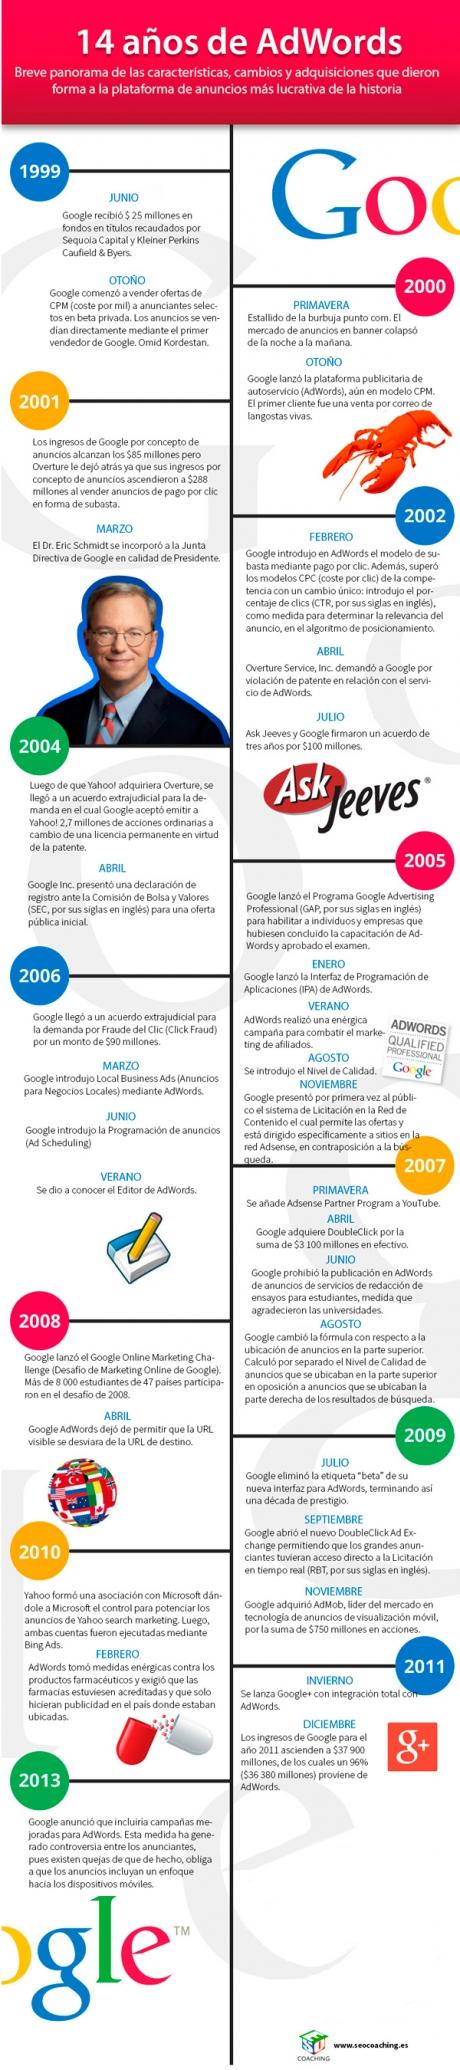 14 años de AdWords